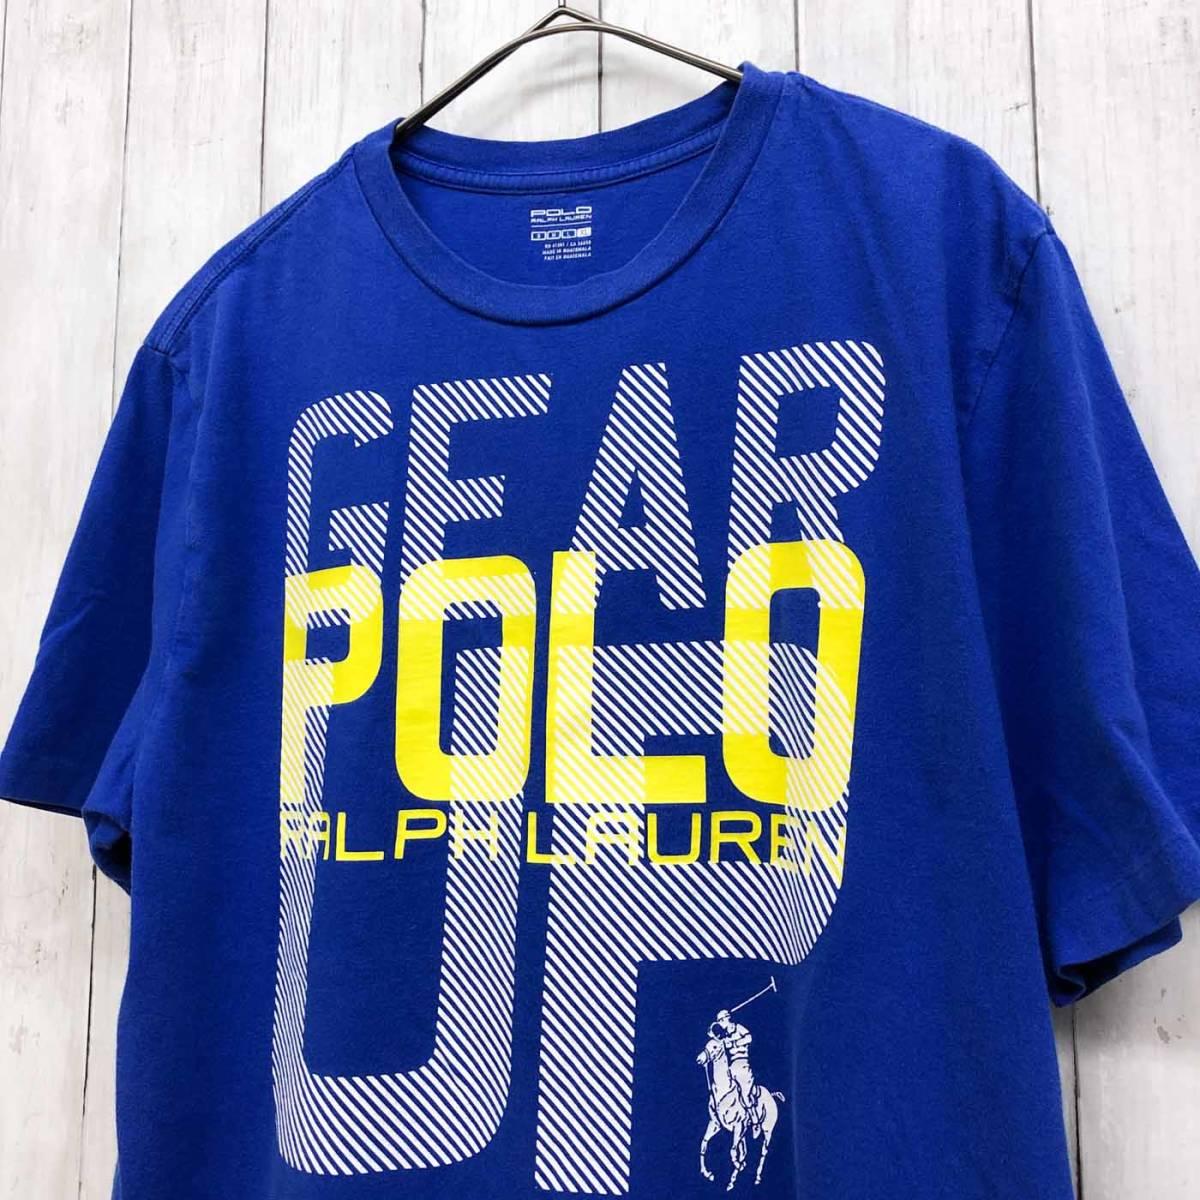 ラルフローレン POLO Ralph Lauren Polo 半袖Tシャツ メンズ ワンポイント XLサイズ 9-87_画像2